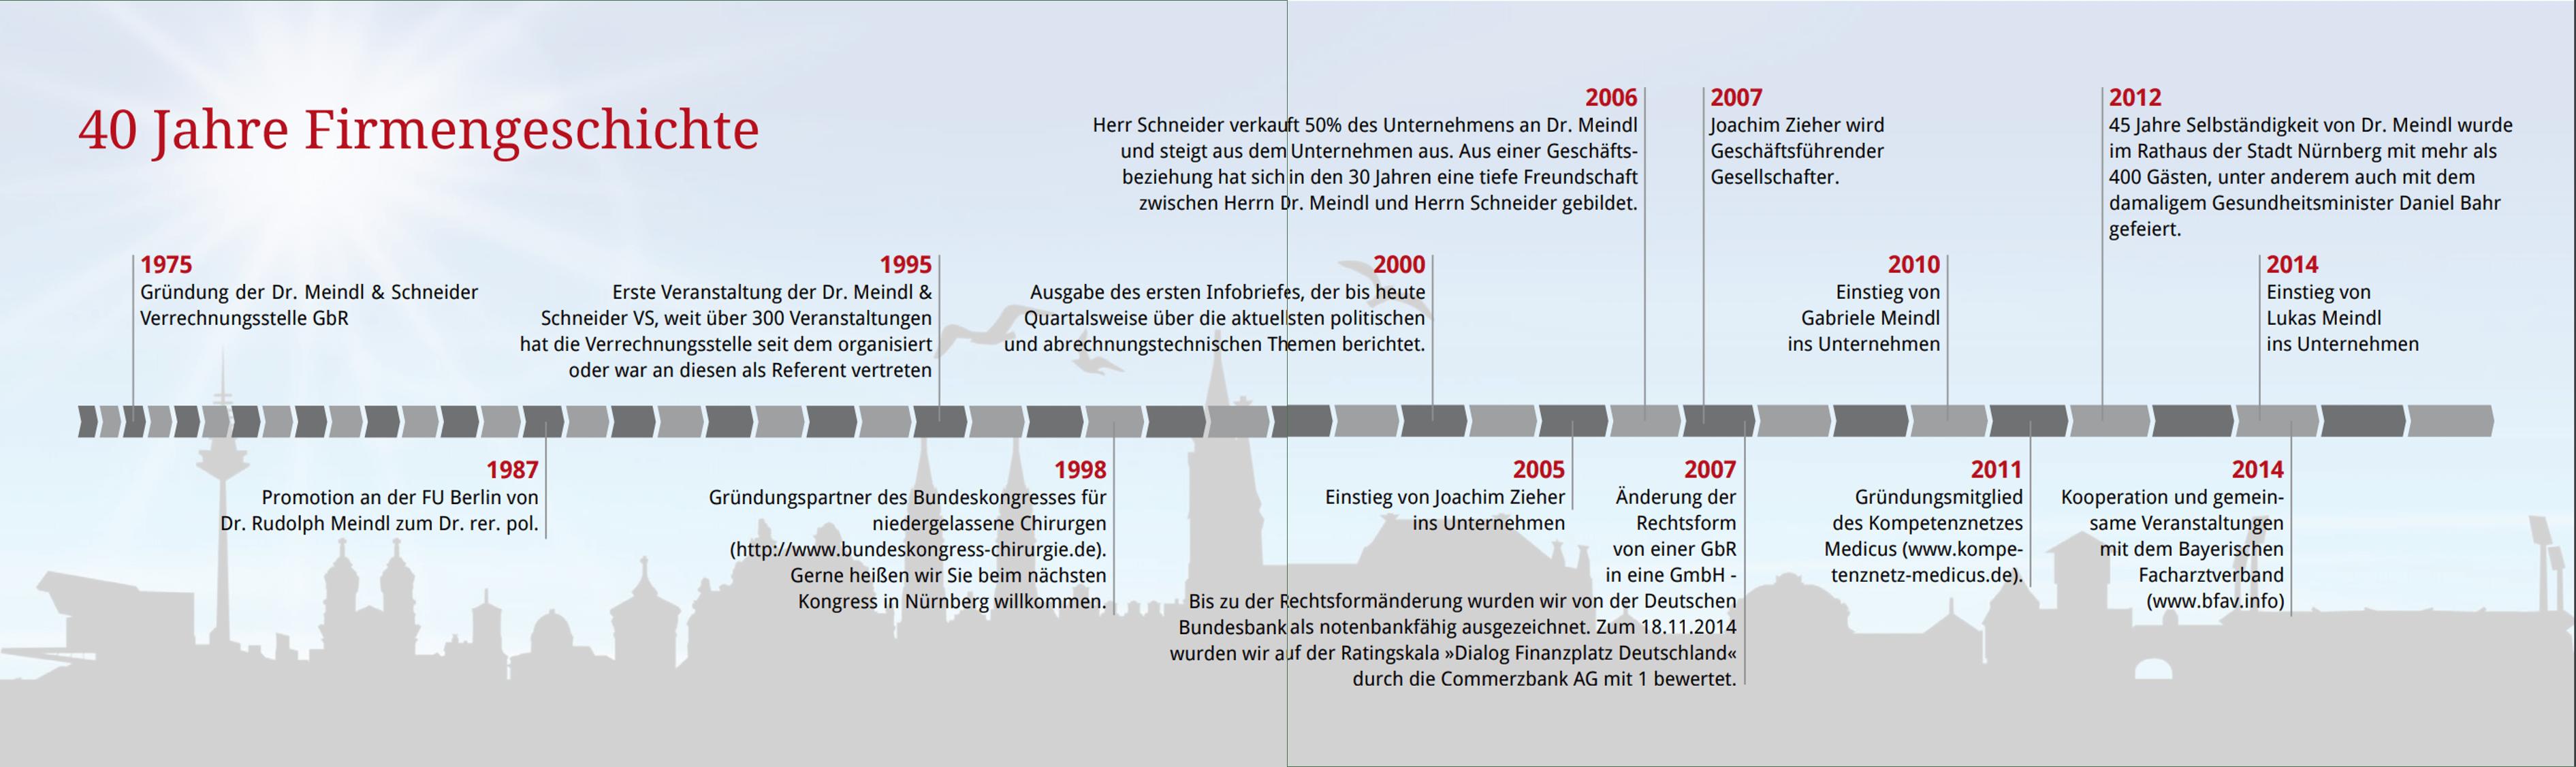 Zeitstrahl 40 Jahre Firmengeschichte Dr. Meindl u. Partner Verrechnungsstelle